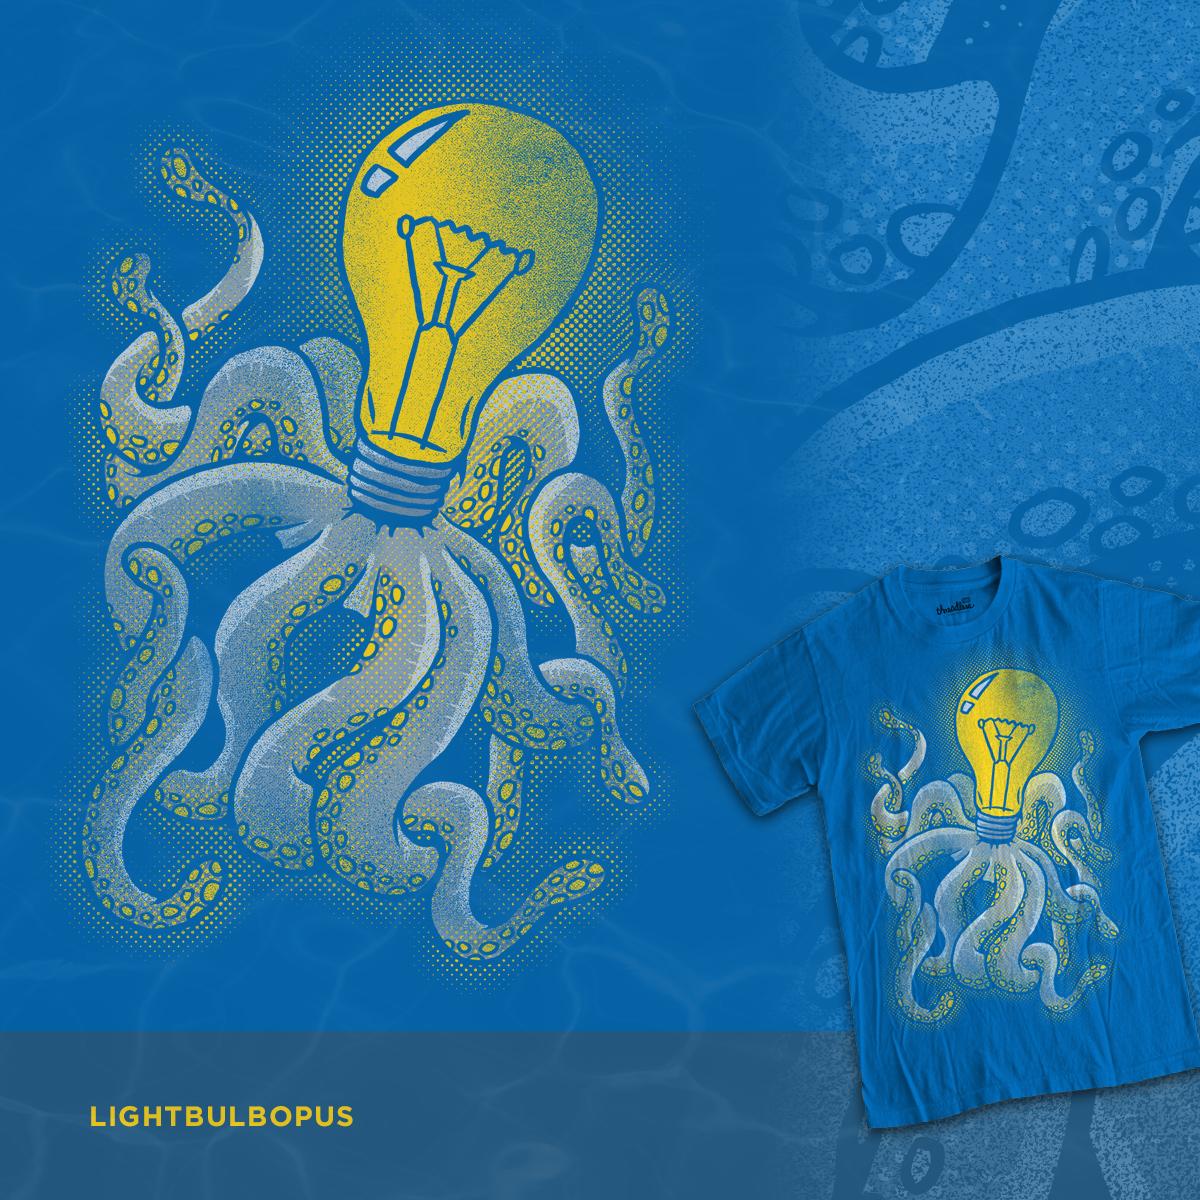 Lightbulbopus by WanderingBert on Threadless